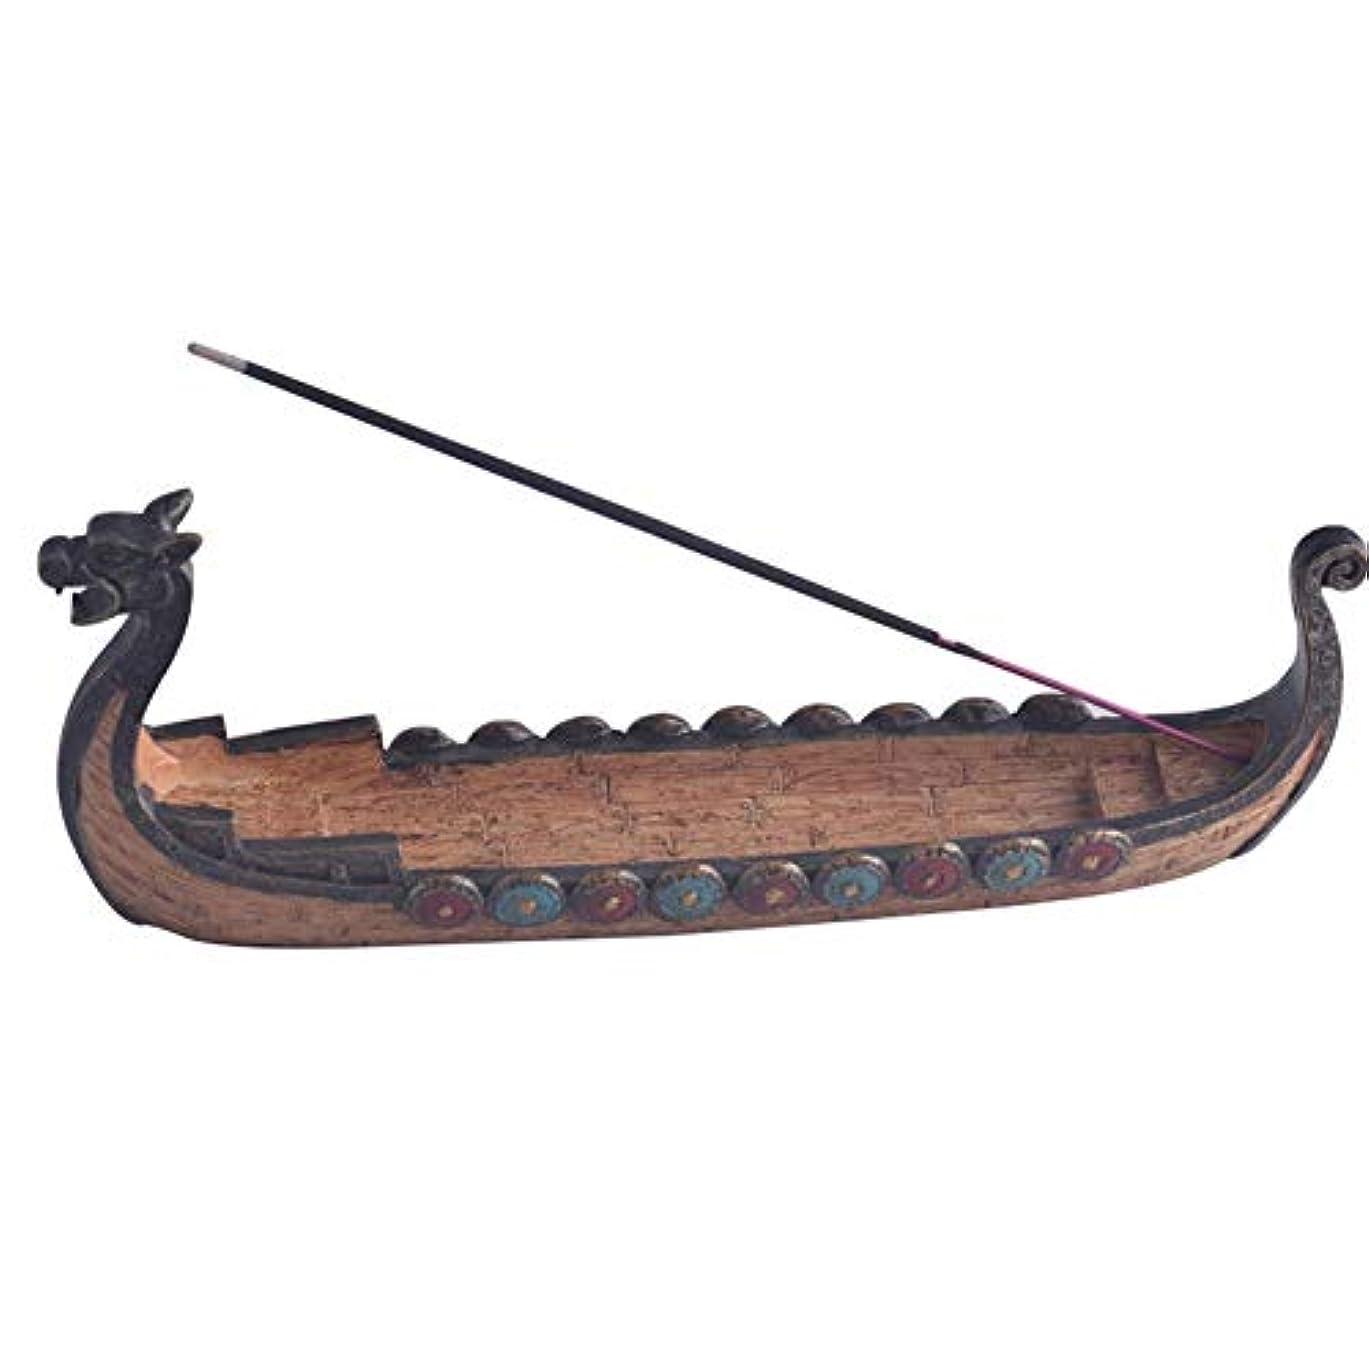 パスタ船酔い暗黙CoolTack スティック香中国の伝統的な家の装飾のためのドラゴンボート型香炉